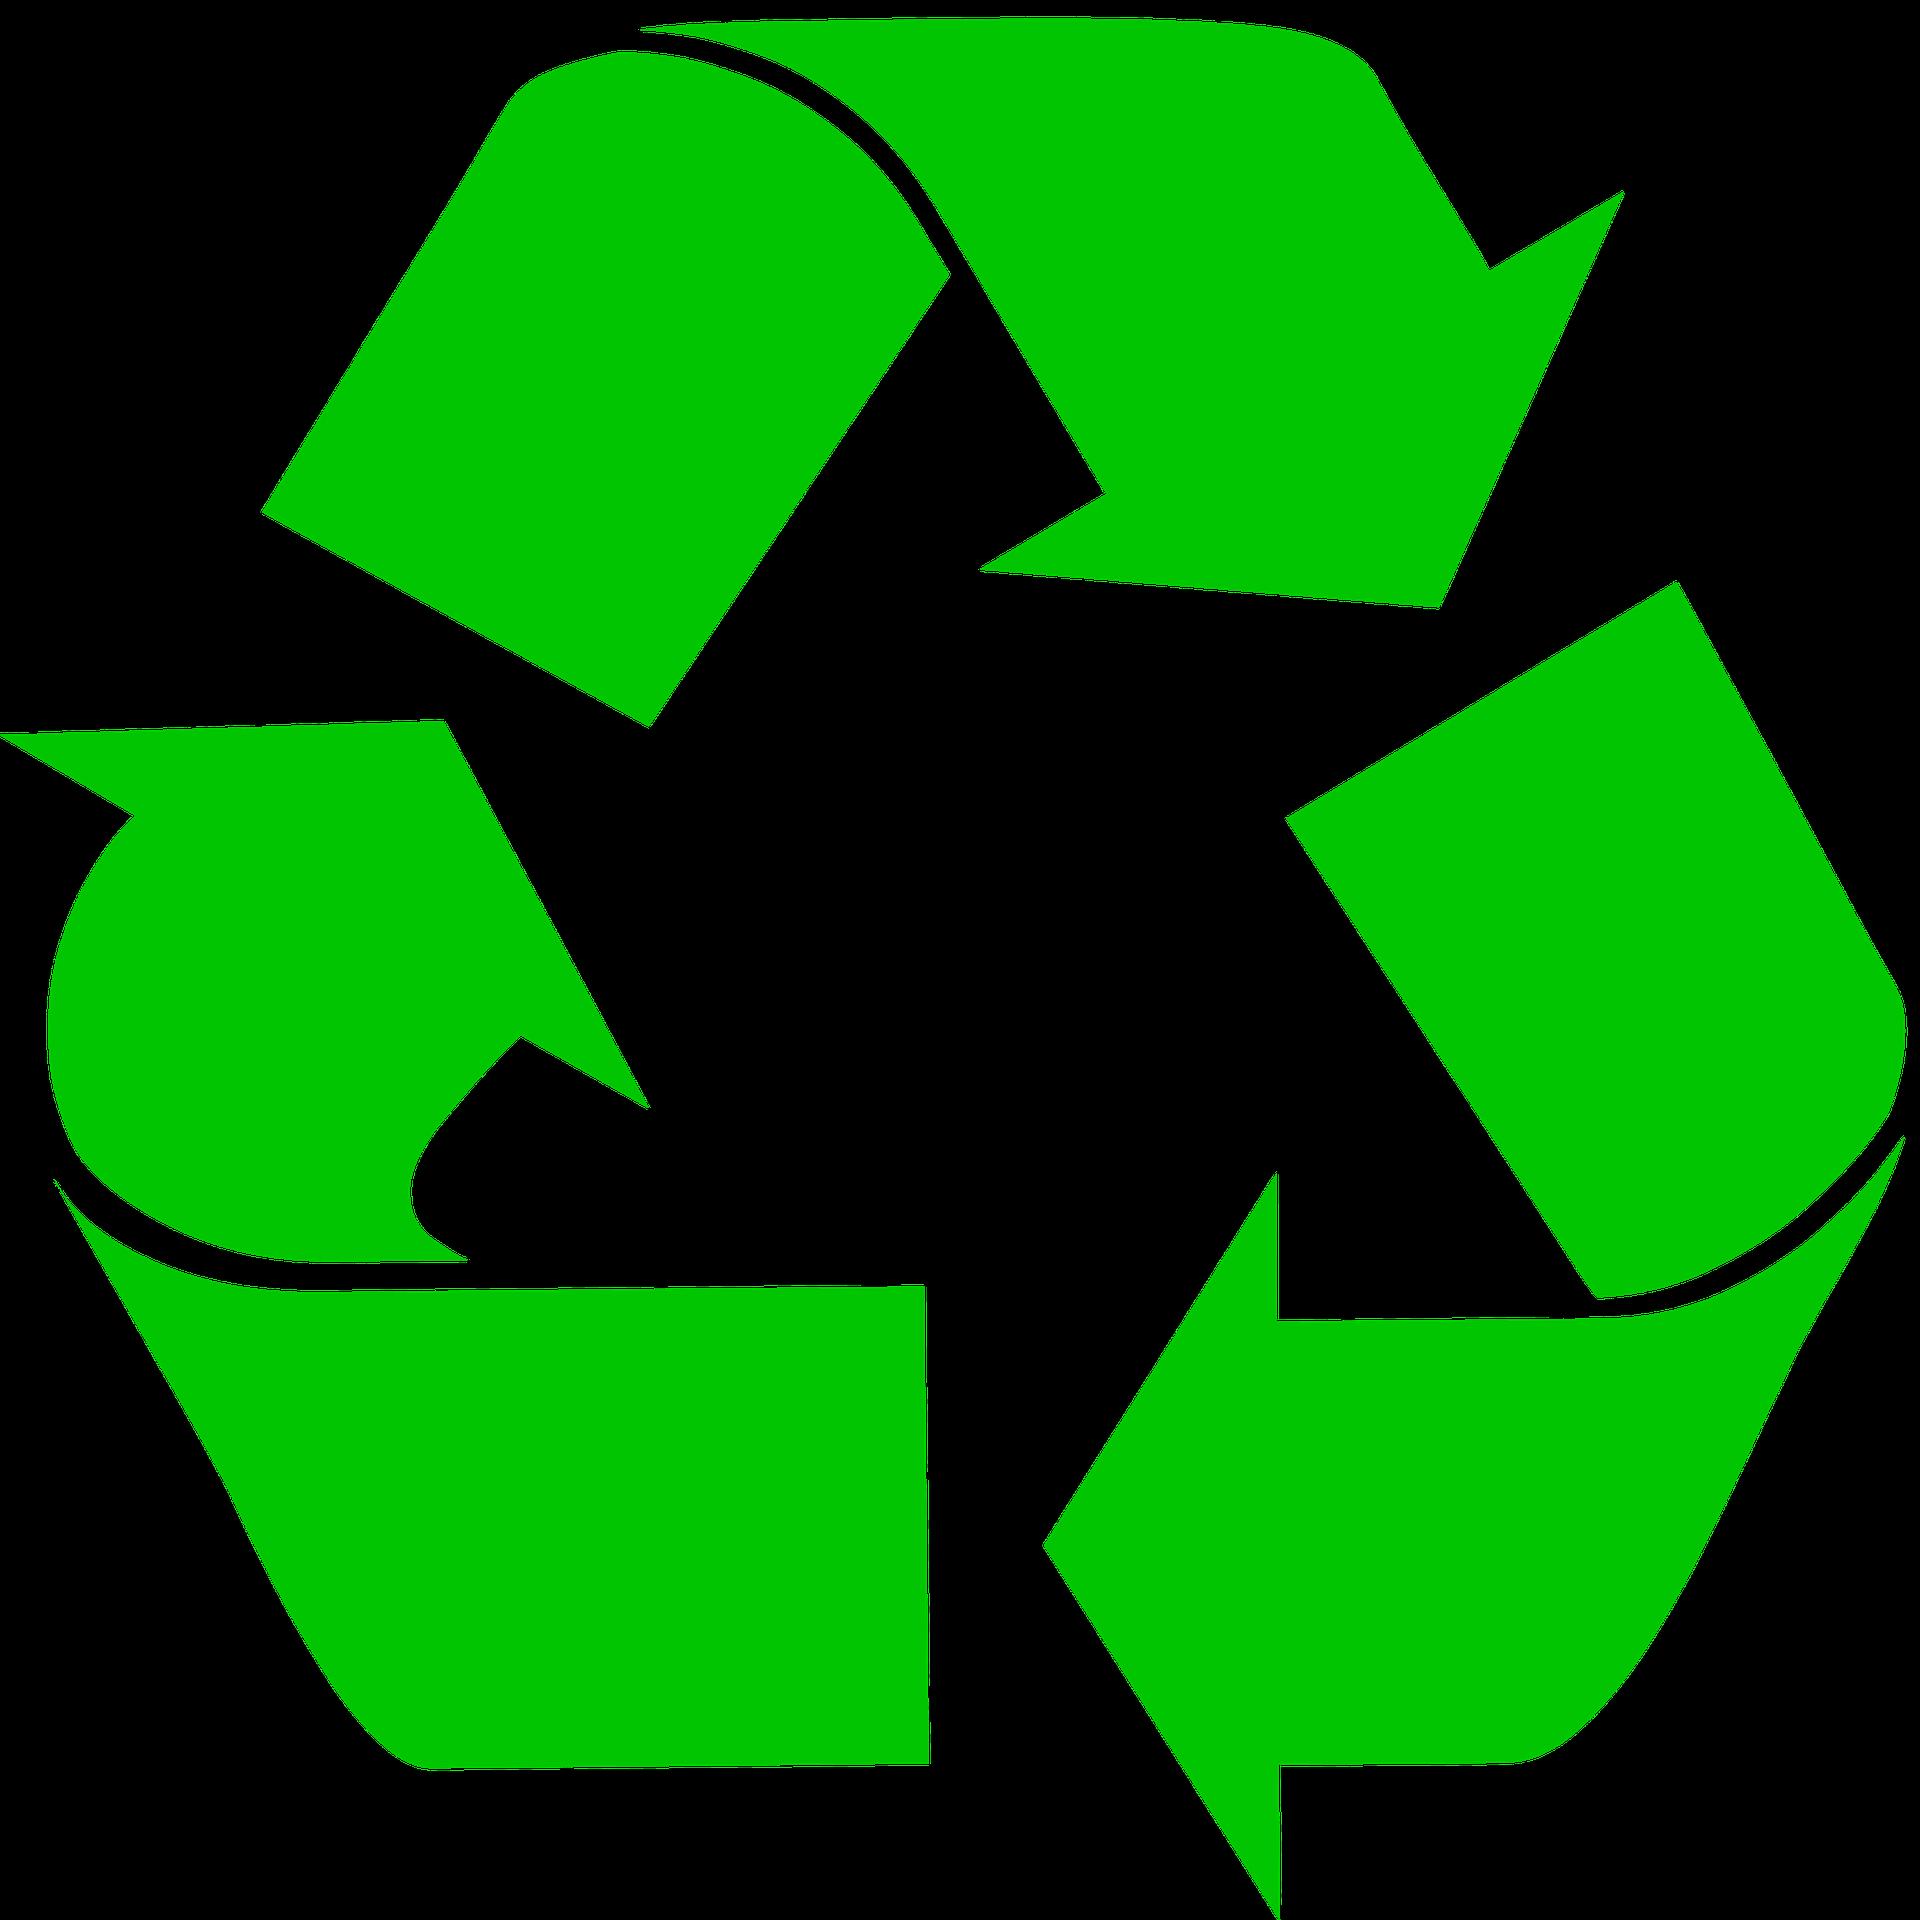 environnement - icône tri sélectif